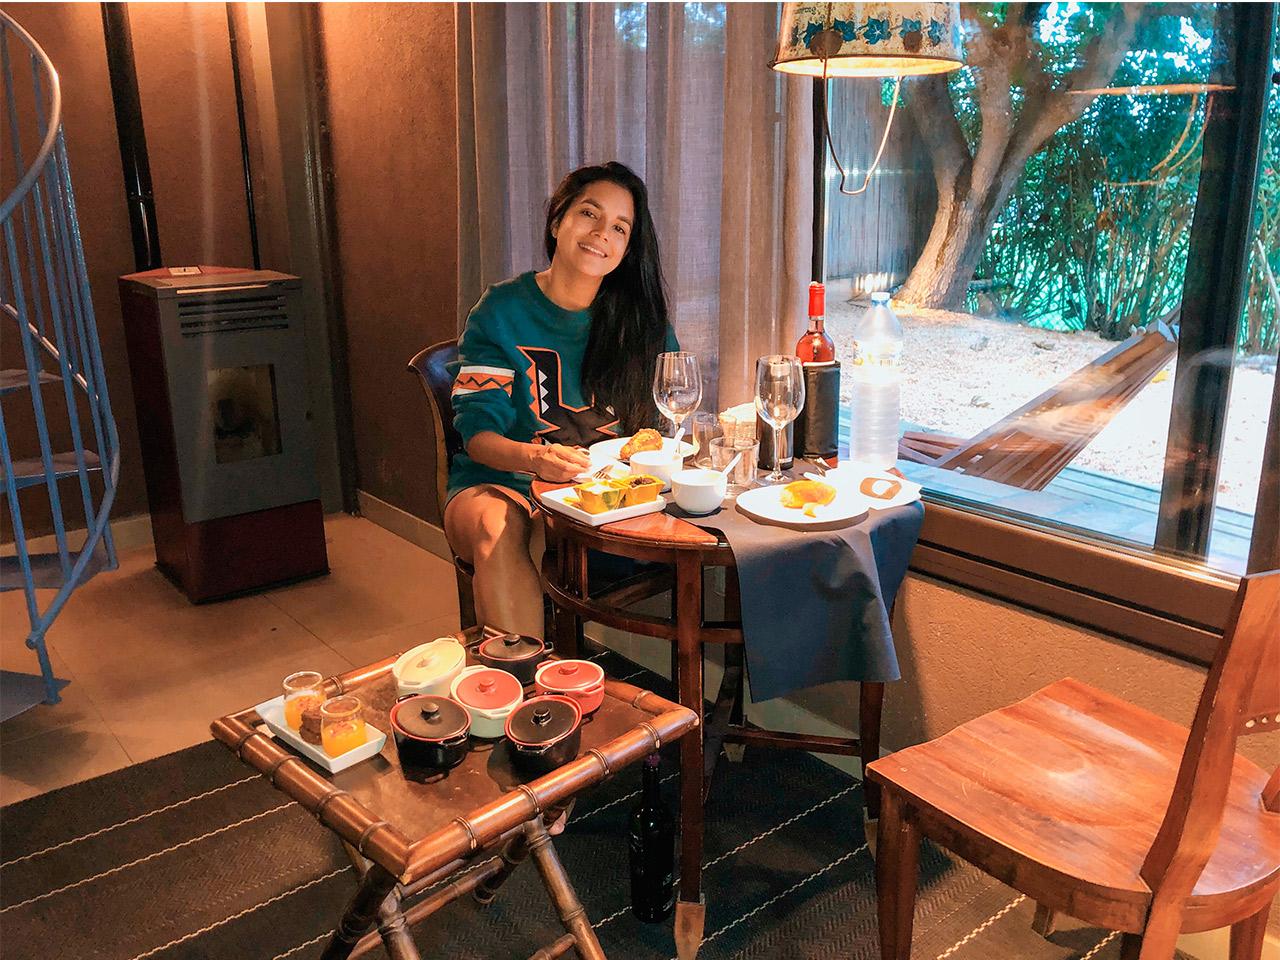 Hotel-Mill-Estrelles-cerca-de-Barcelonam-hotel-burbuja,-dormir-en-una-burbja-viendo-las-estrellas